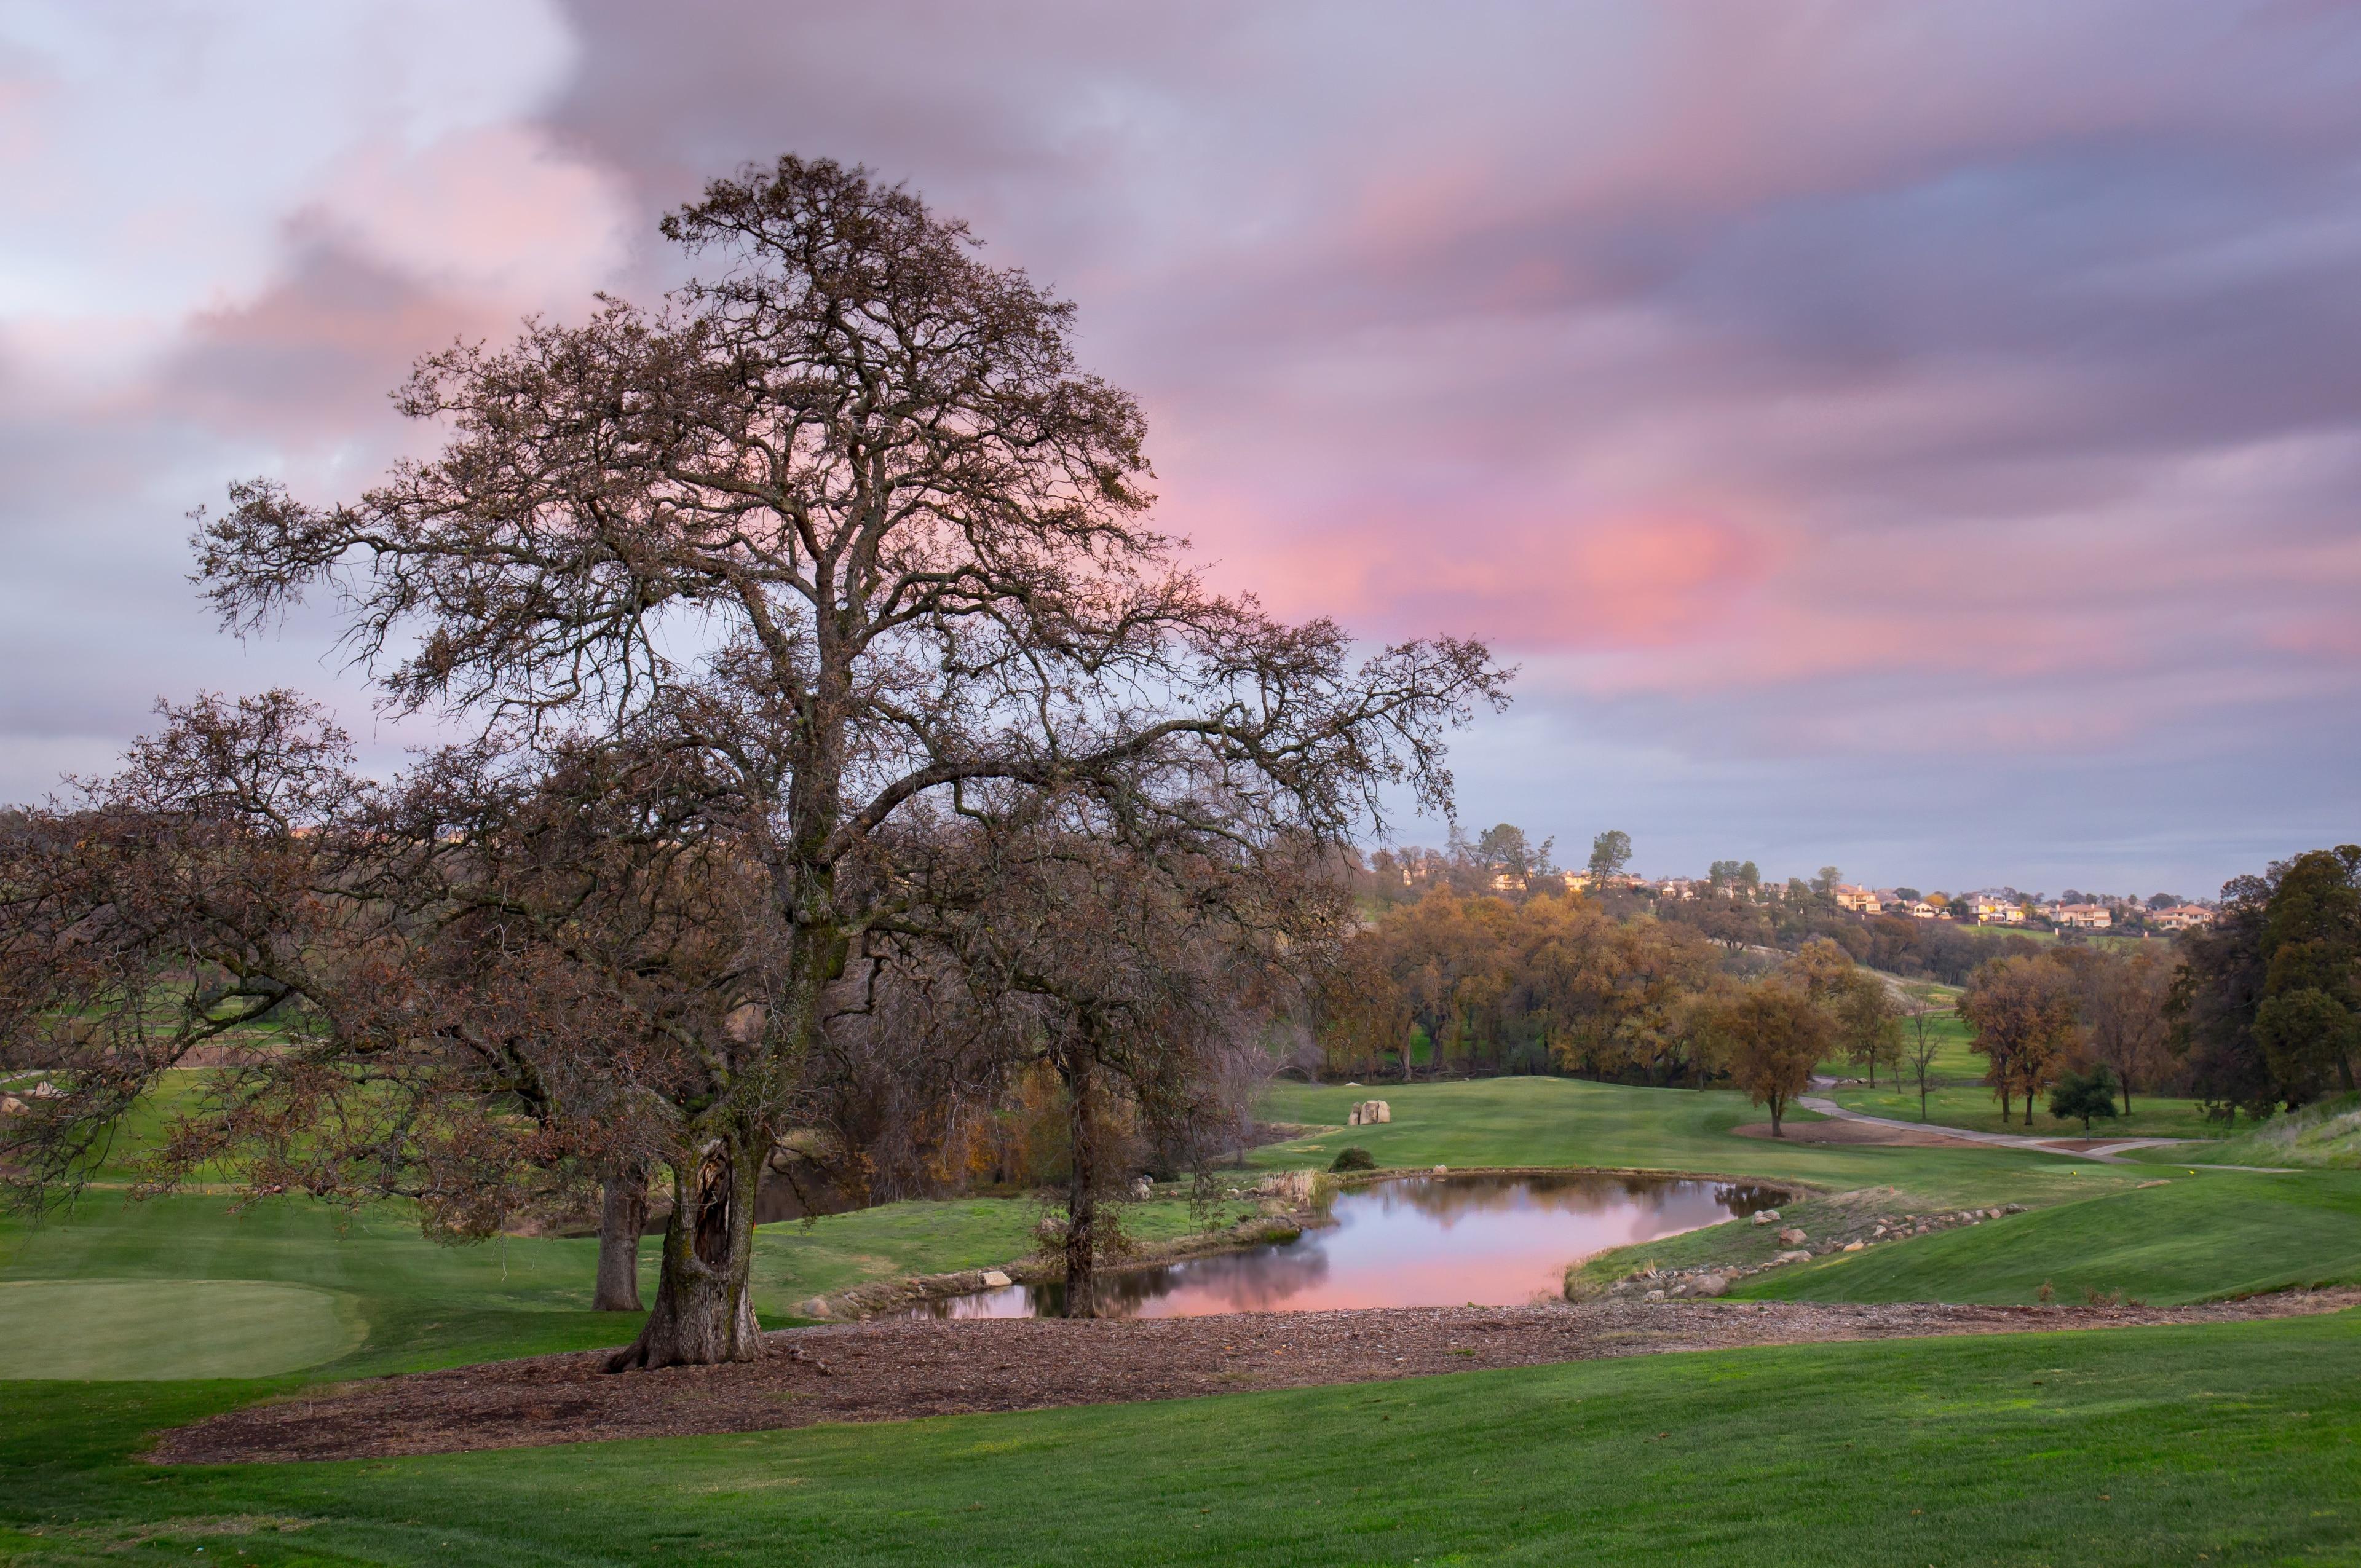 Lincoln, California, United States of America